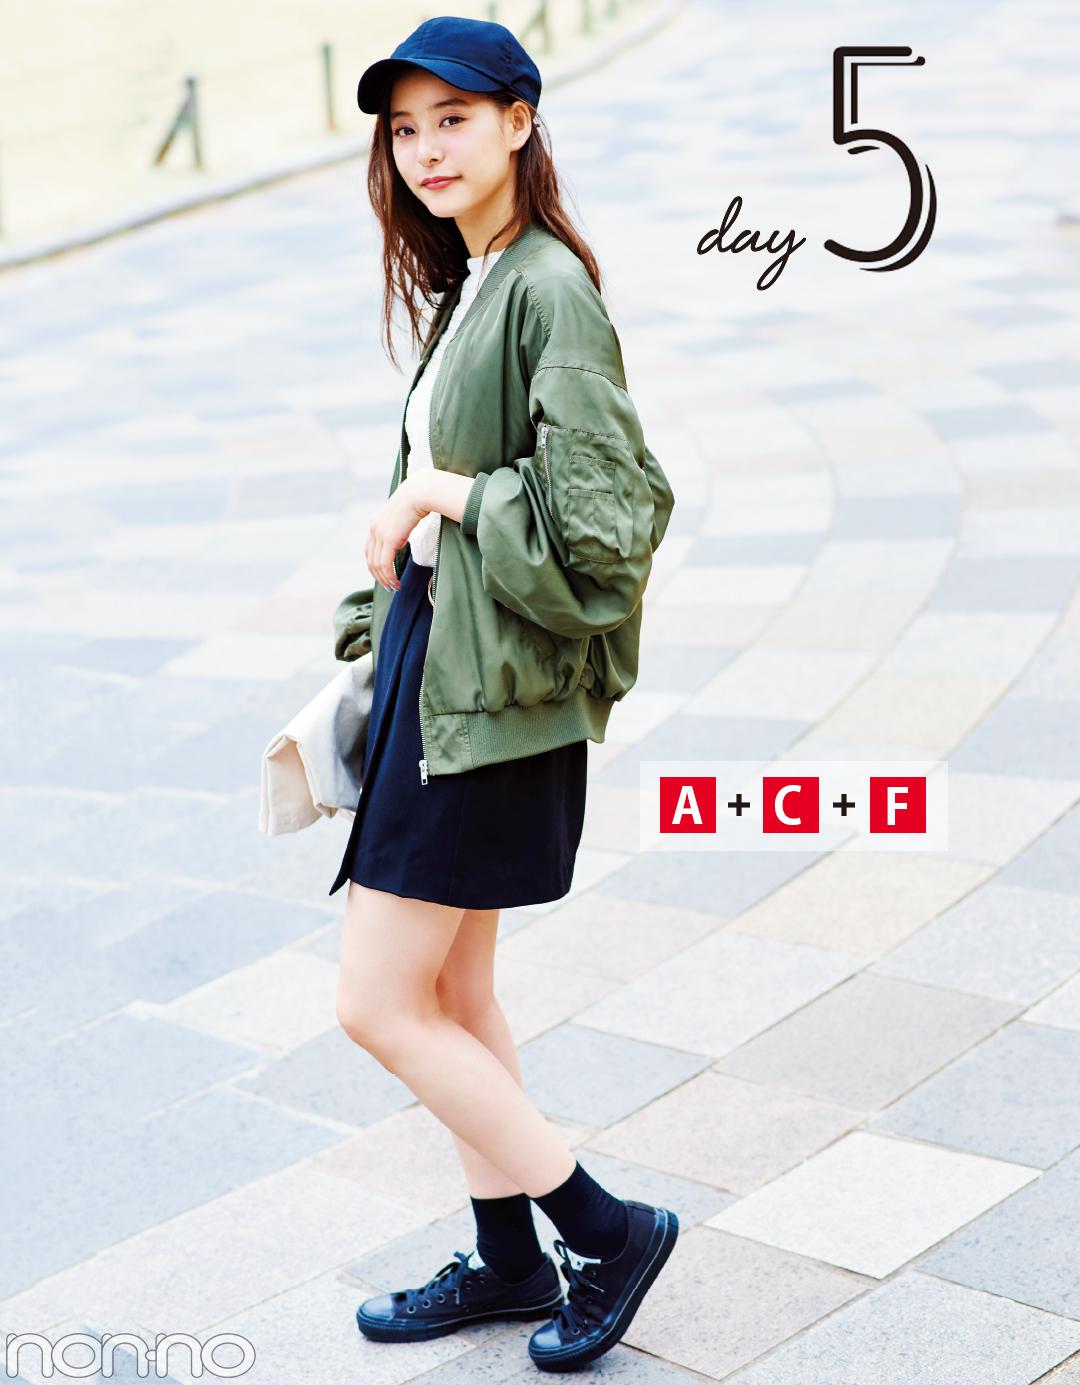 新木優子が春の7着で5days着回し♡ 男女モテする「一緒にいて楽しそう」なコーデはコレ!_1_3-4